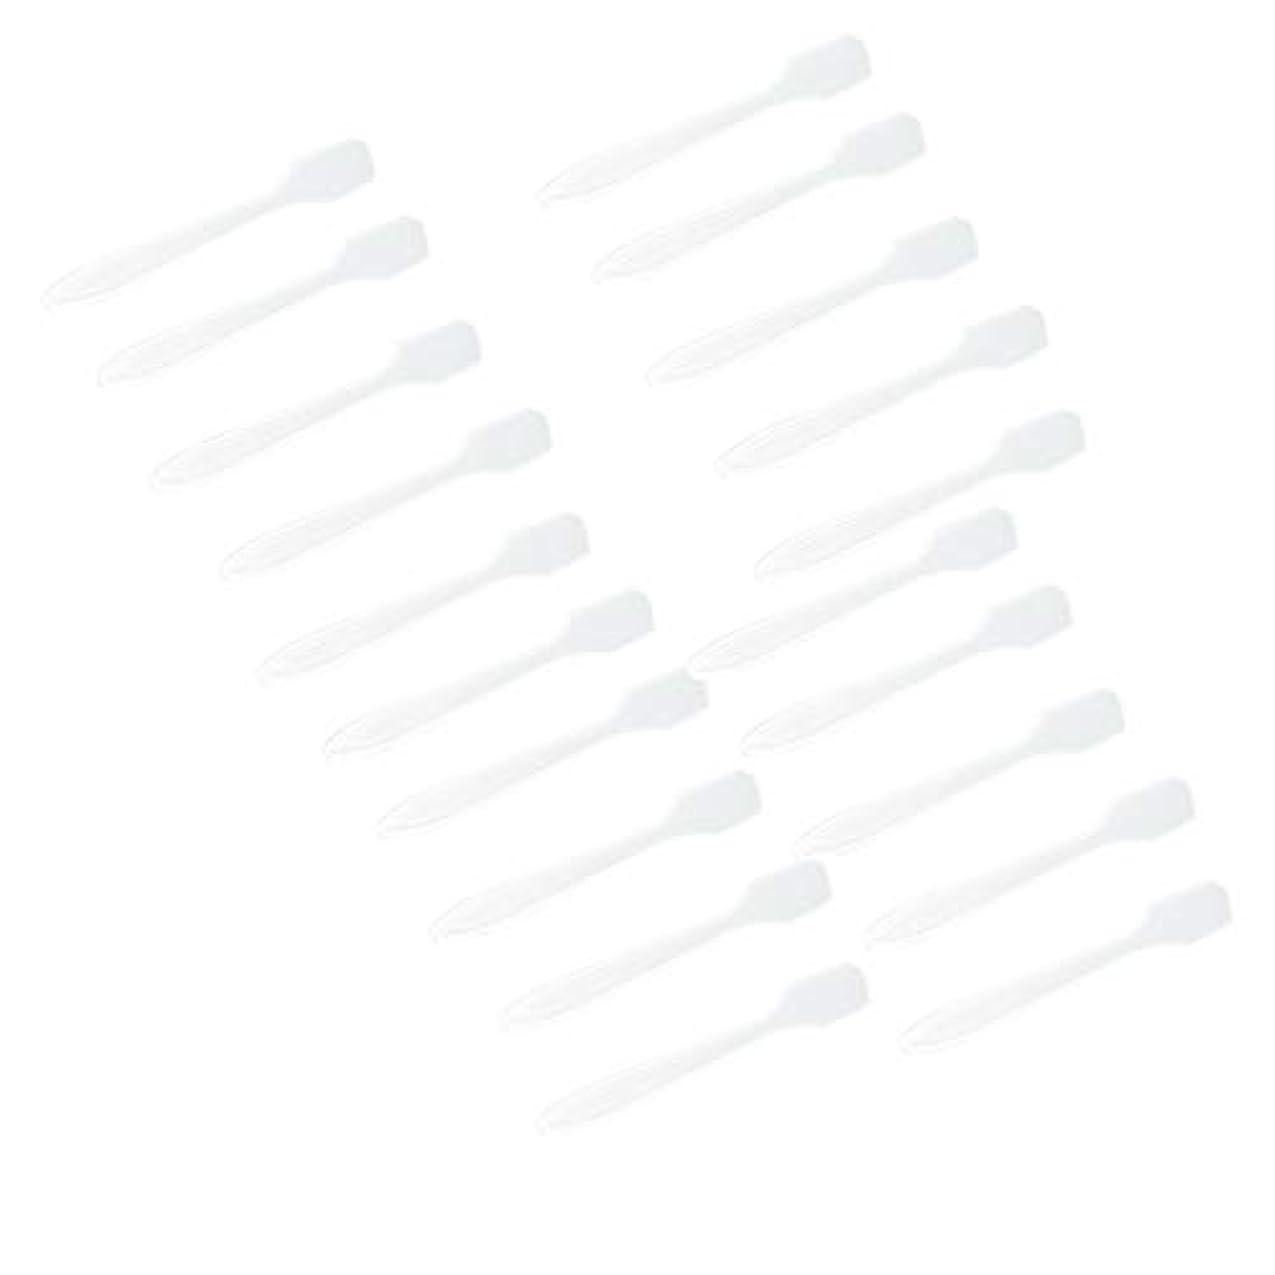 パワーセル恩恵ディスコDYNWAVE 100pcs使い捨て化粧品へらミニフェイスマスクスプーン - 簡単ミキシングAppling